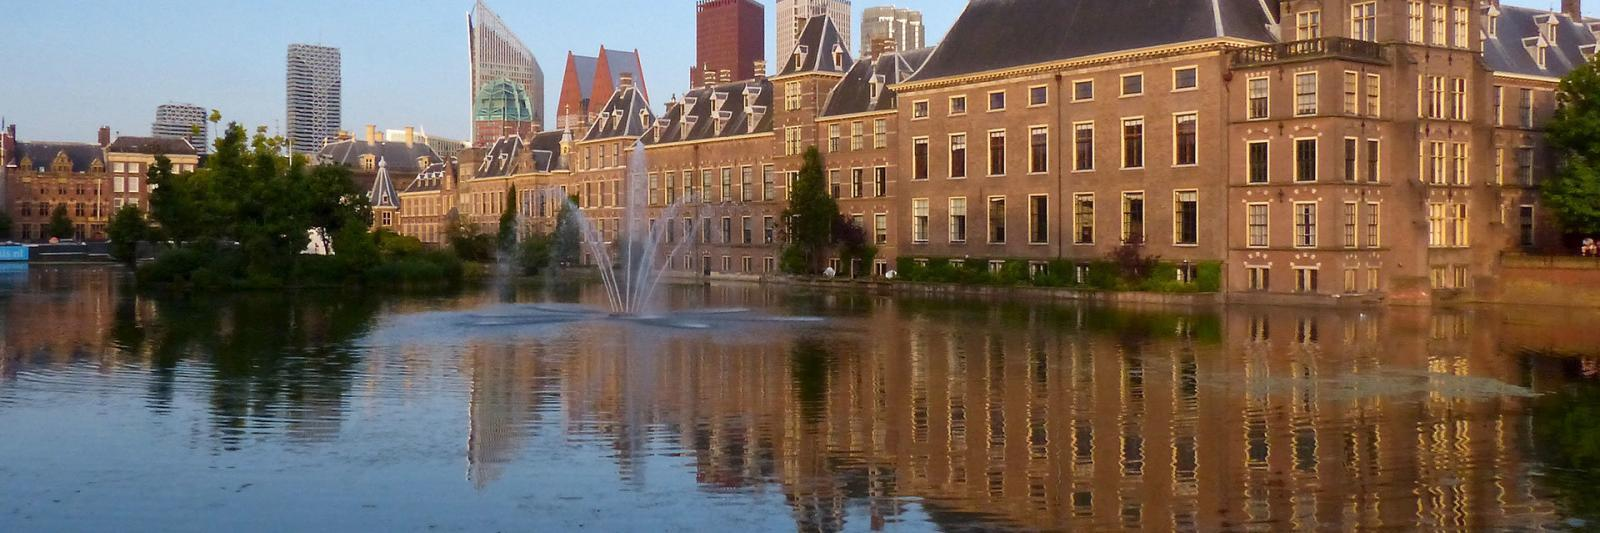 Mangotree-Contact-vestiging-Haaglanden-Mangotree-verzekeringen